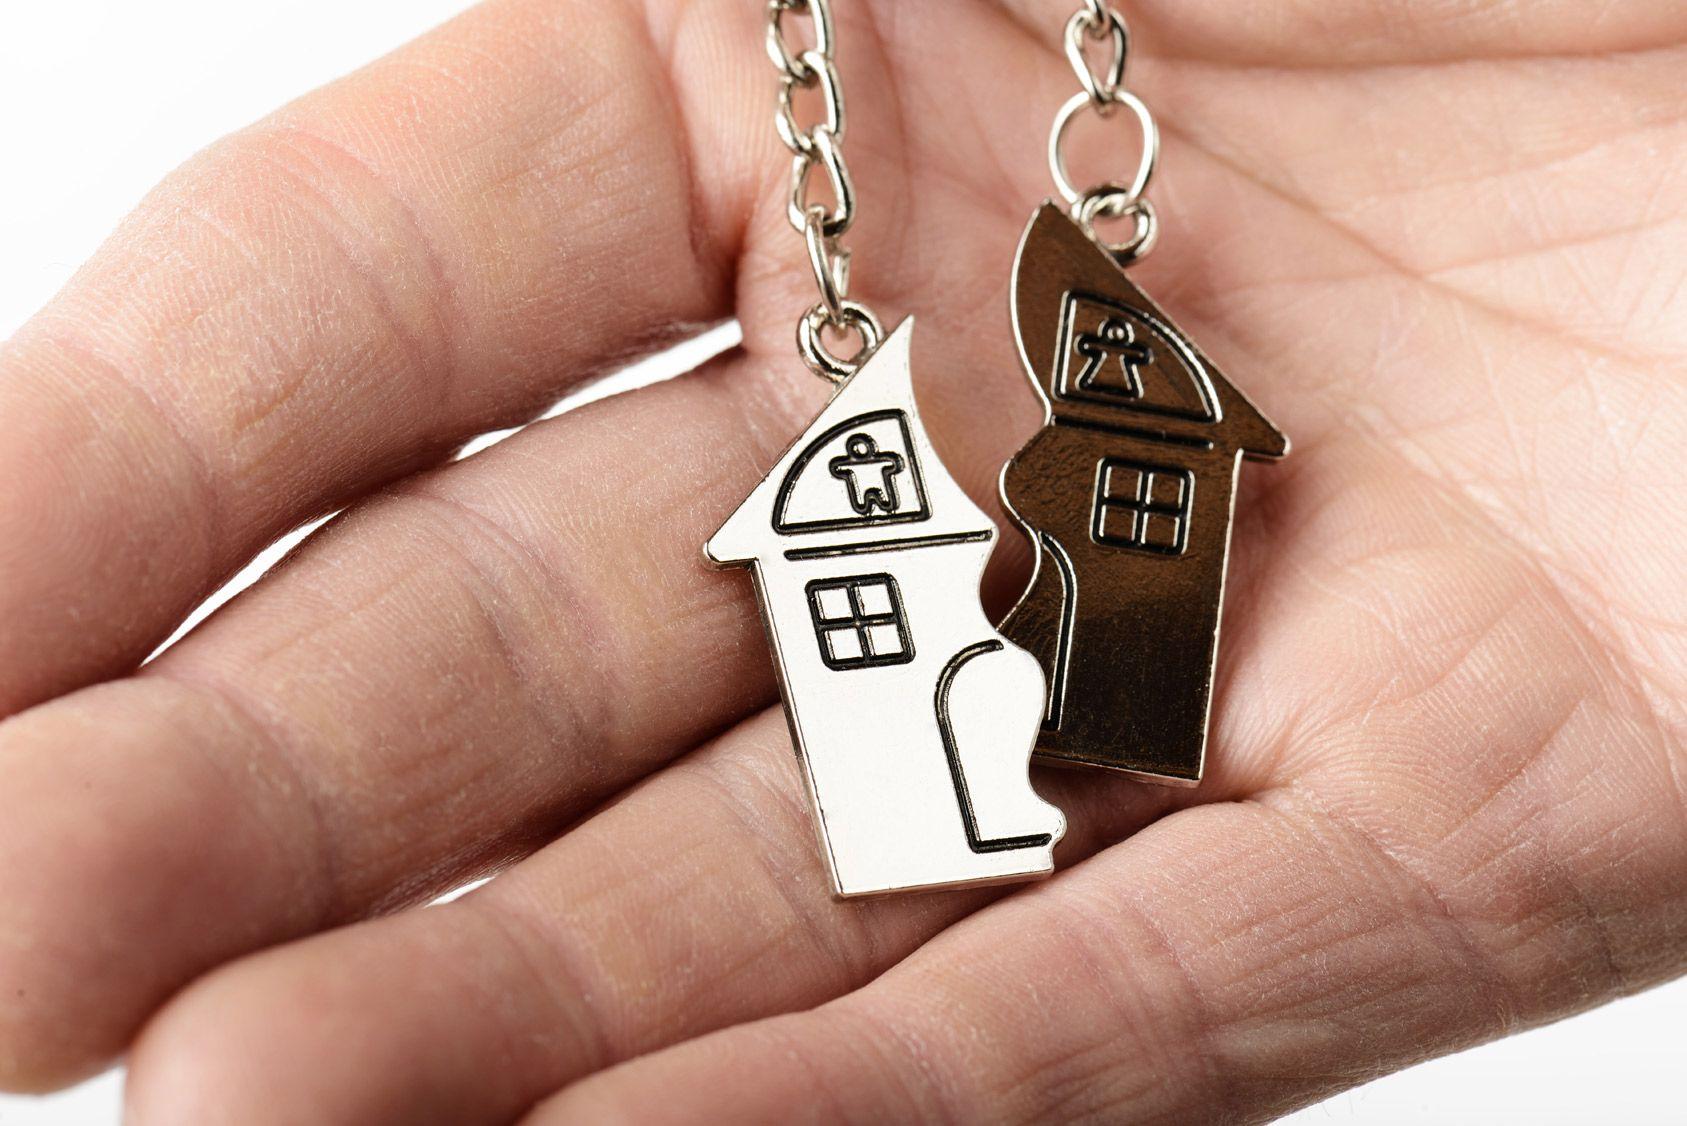 Société civile immobilière: exit la protection du logement familial